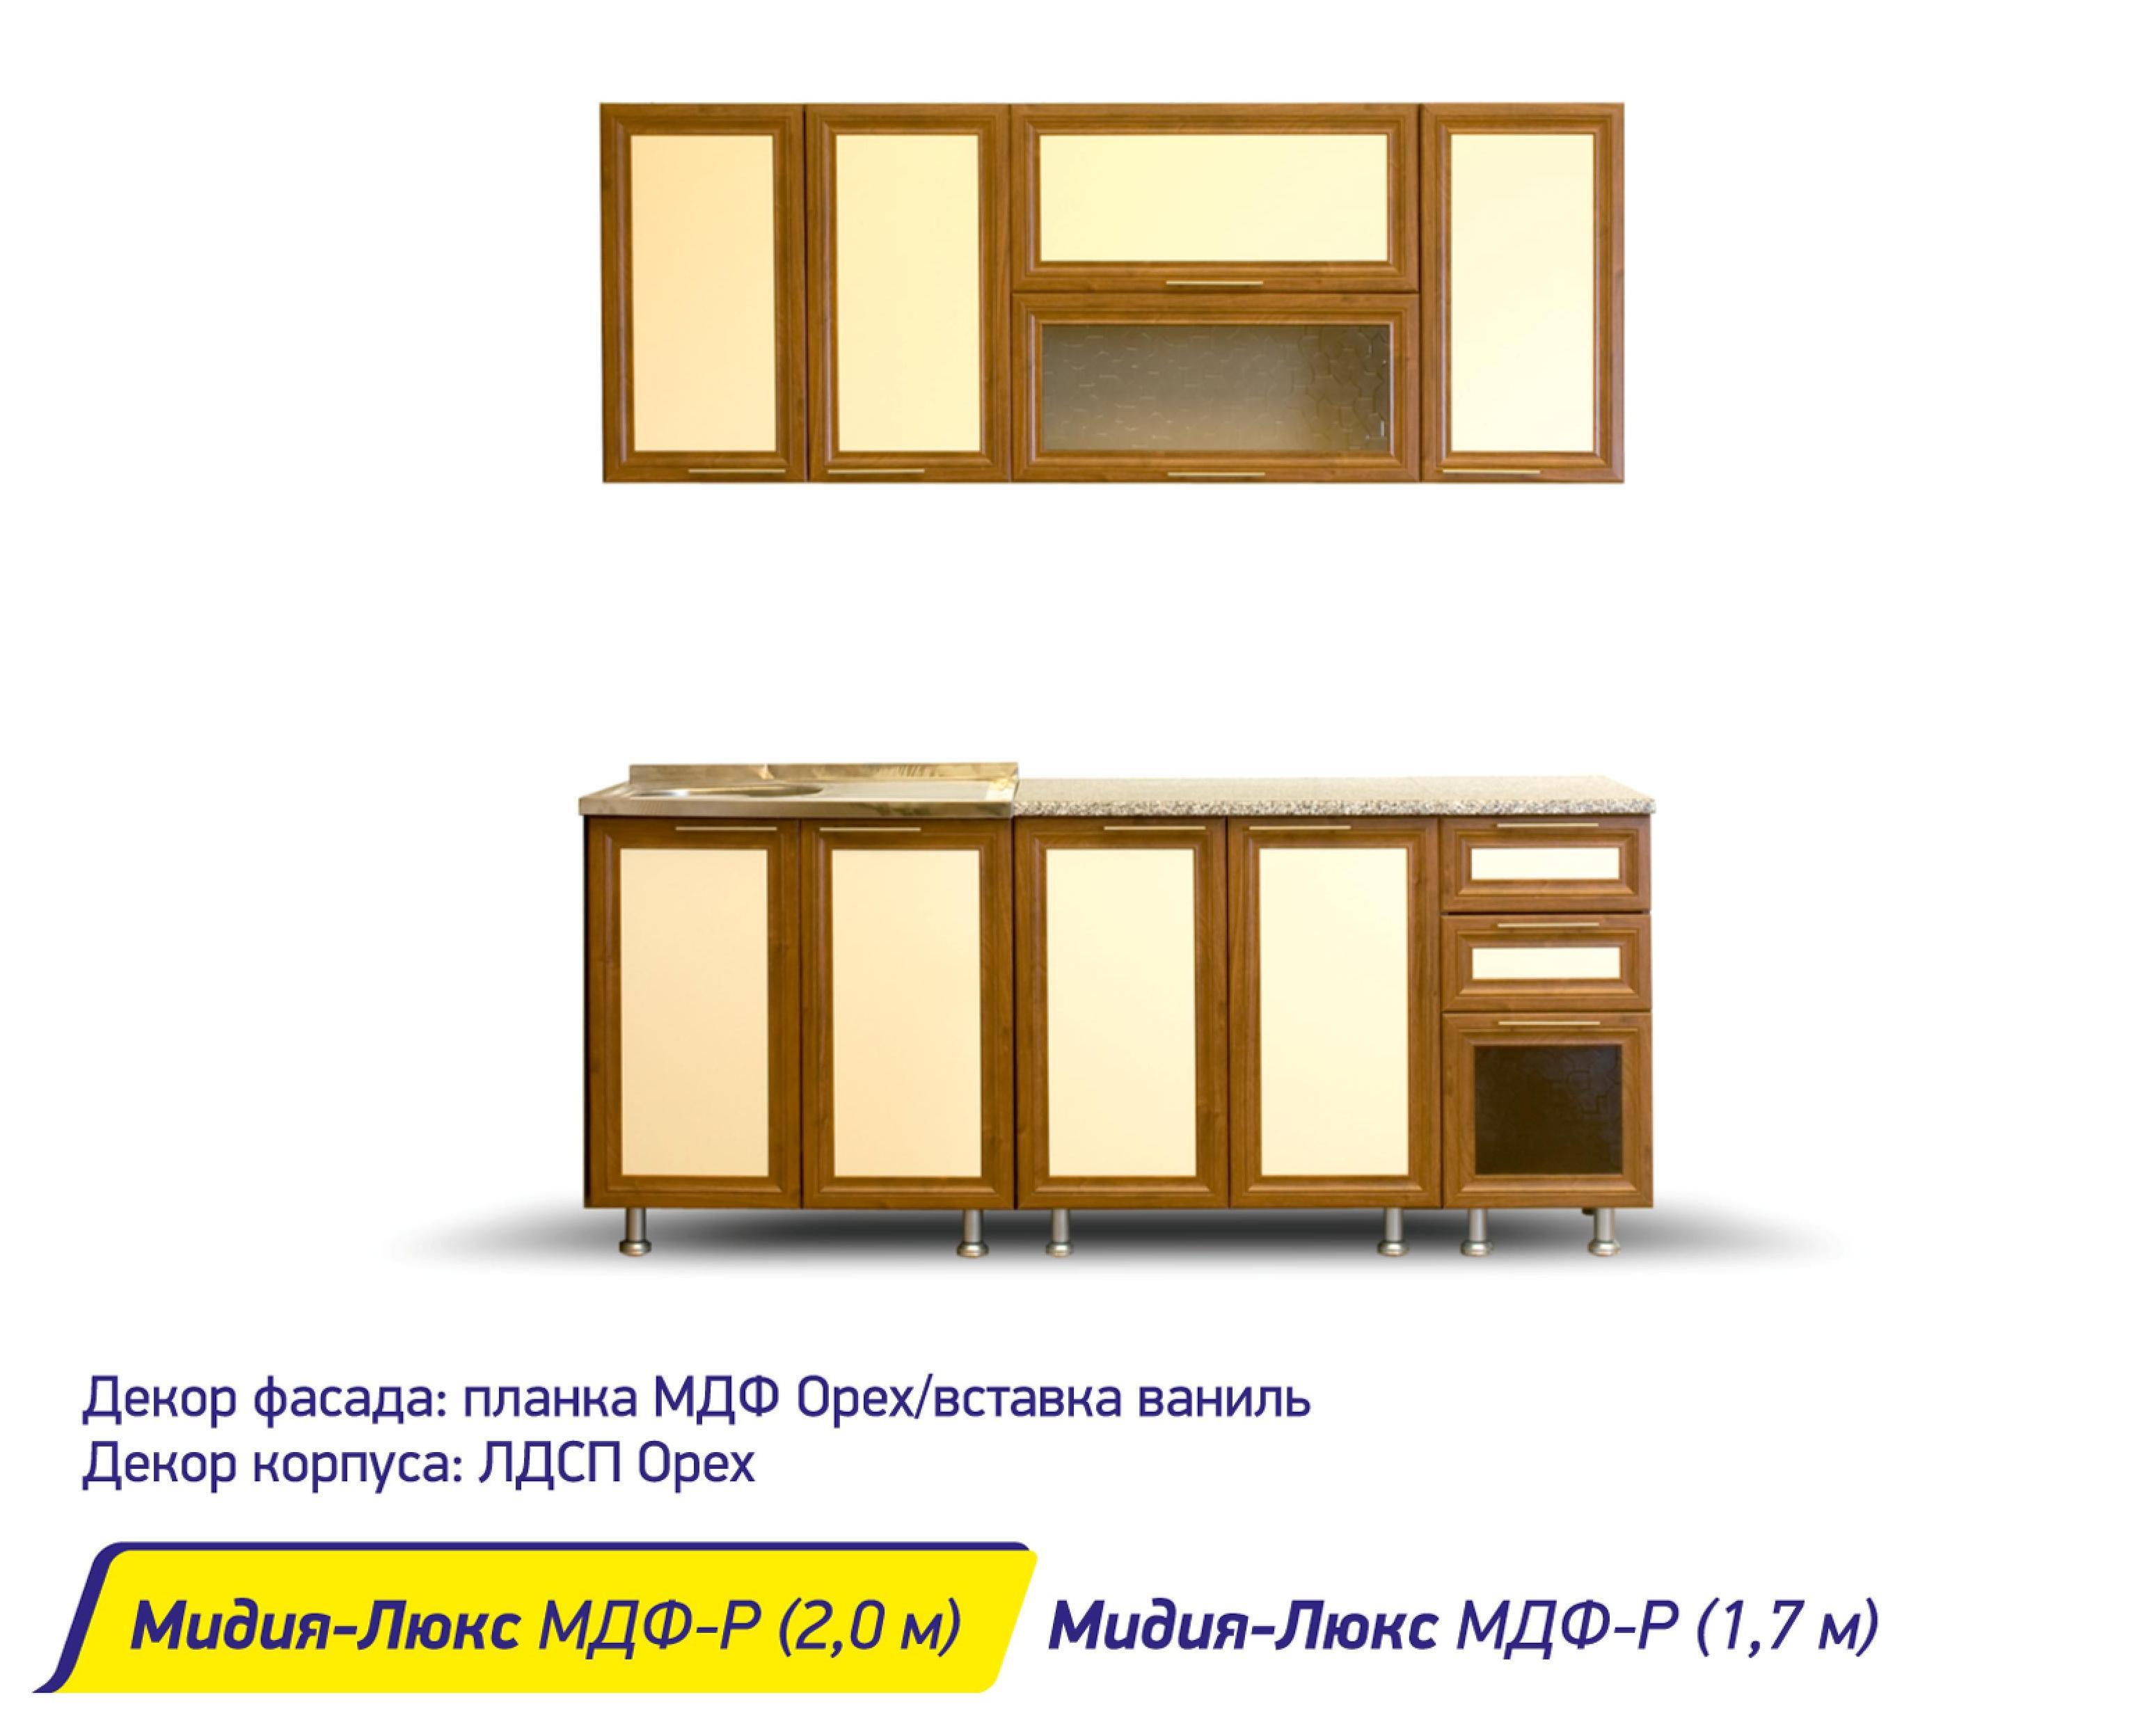 Мидия-Люкс МДФ-Р (2,0)